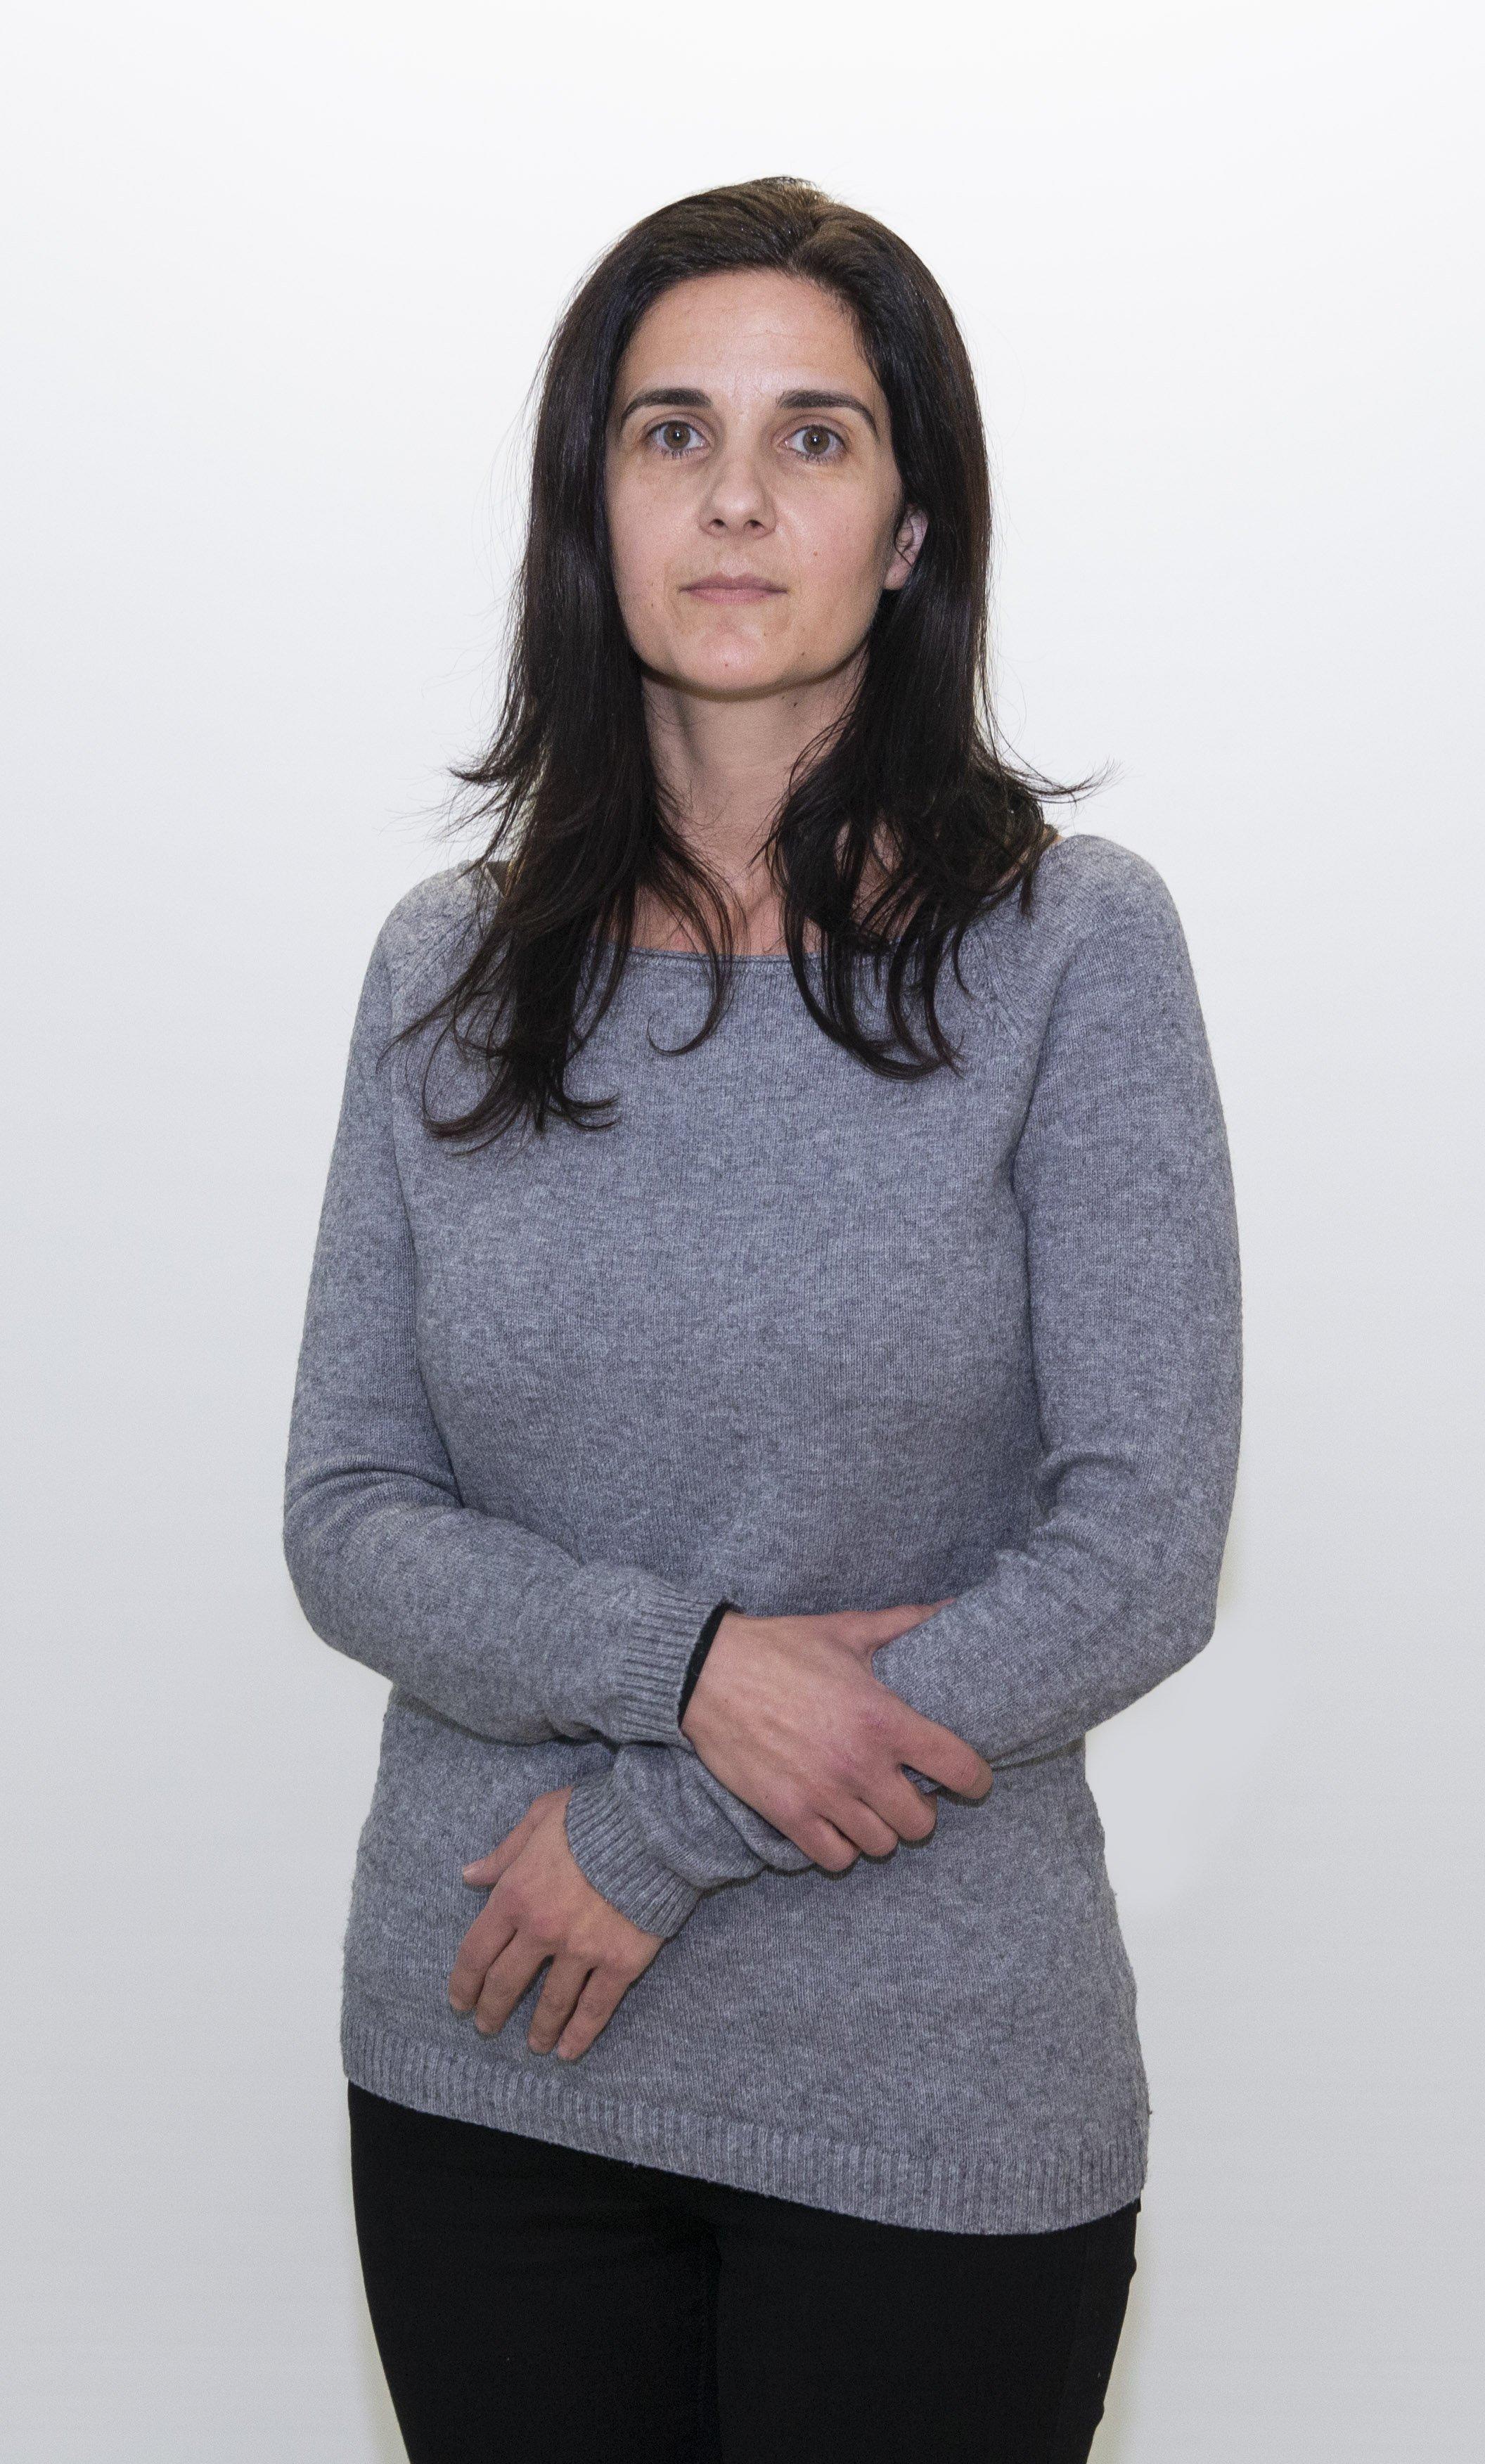 Maria Samichkovska